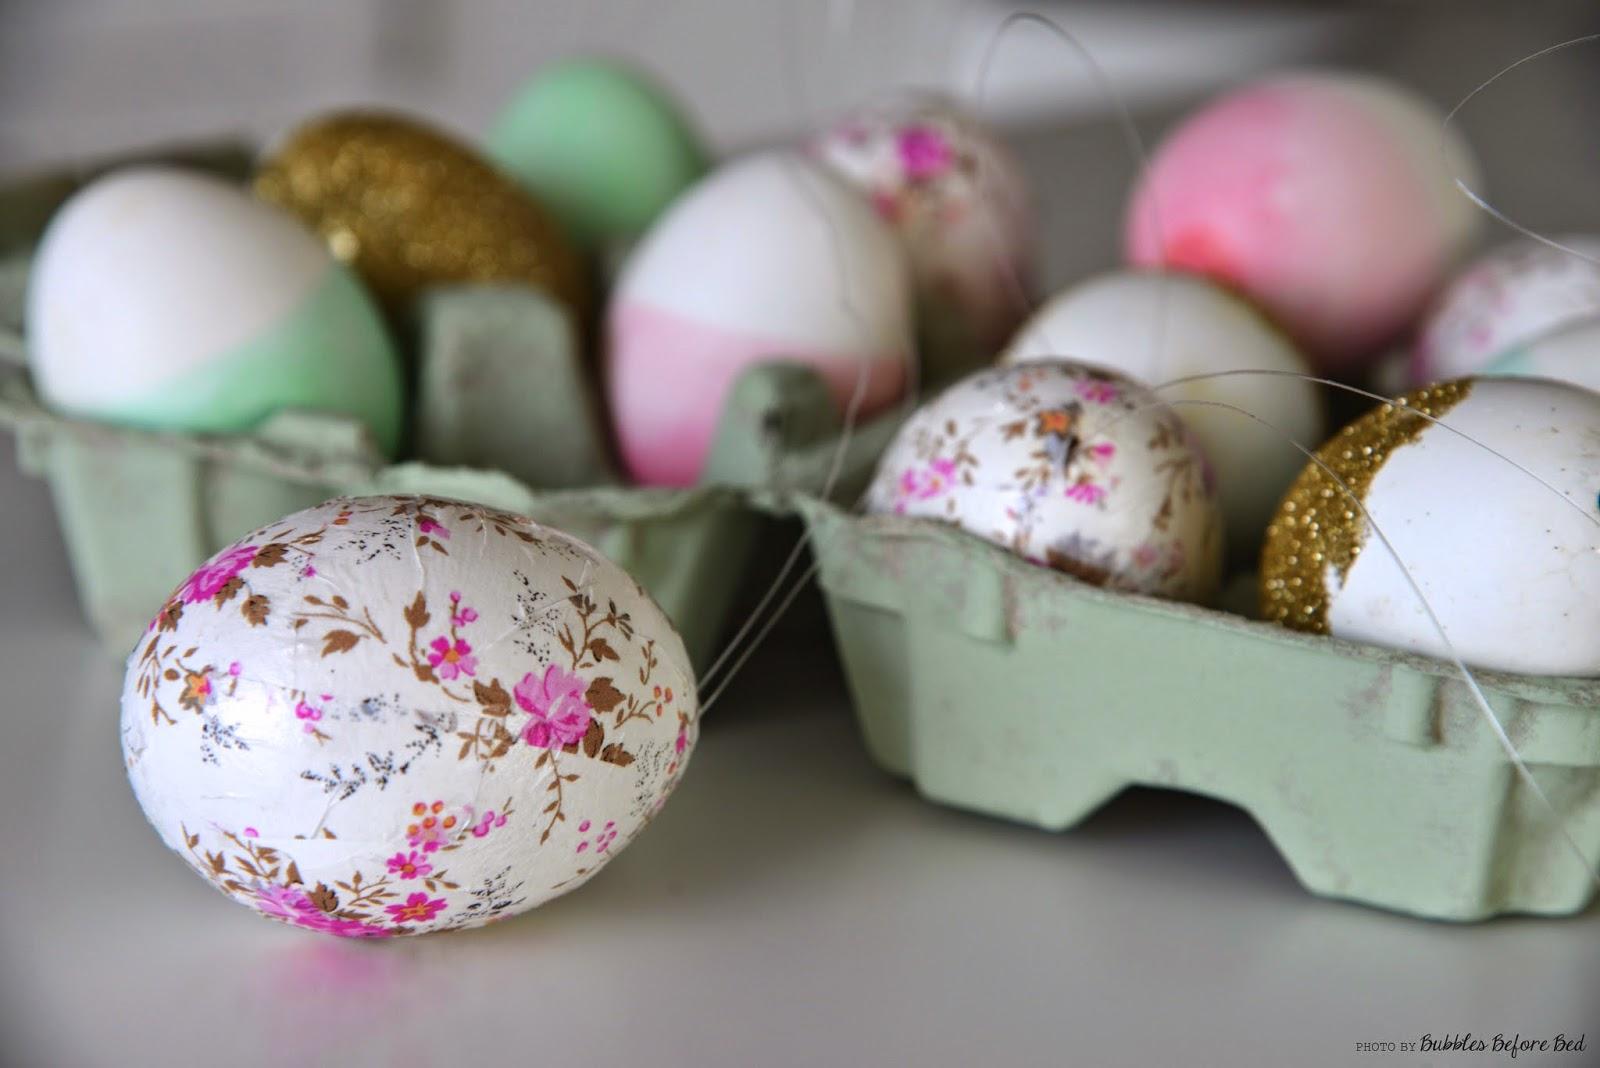 Bubblesbeforebed diy uova di pasqua for Sinonimo di immaginare